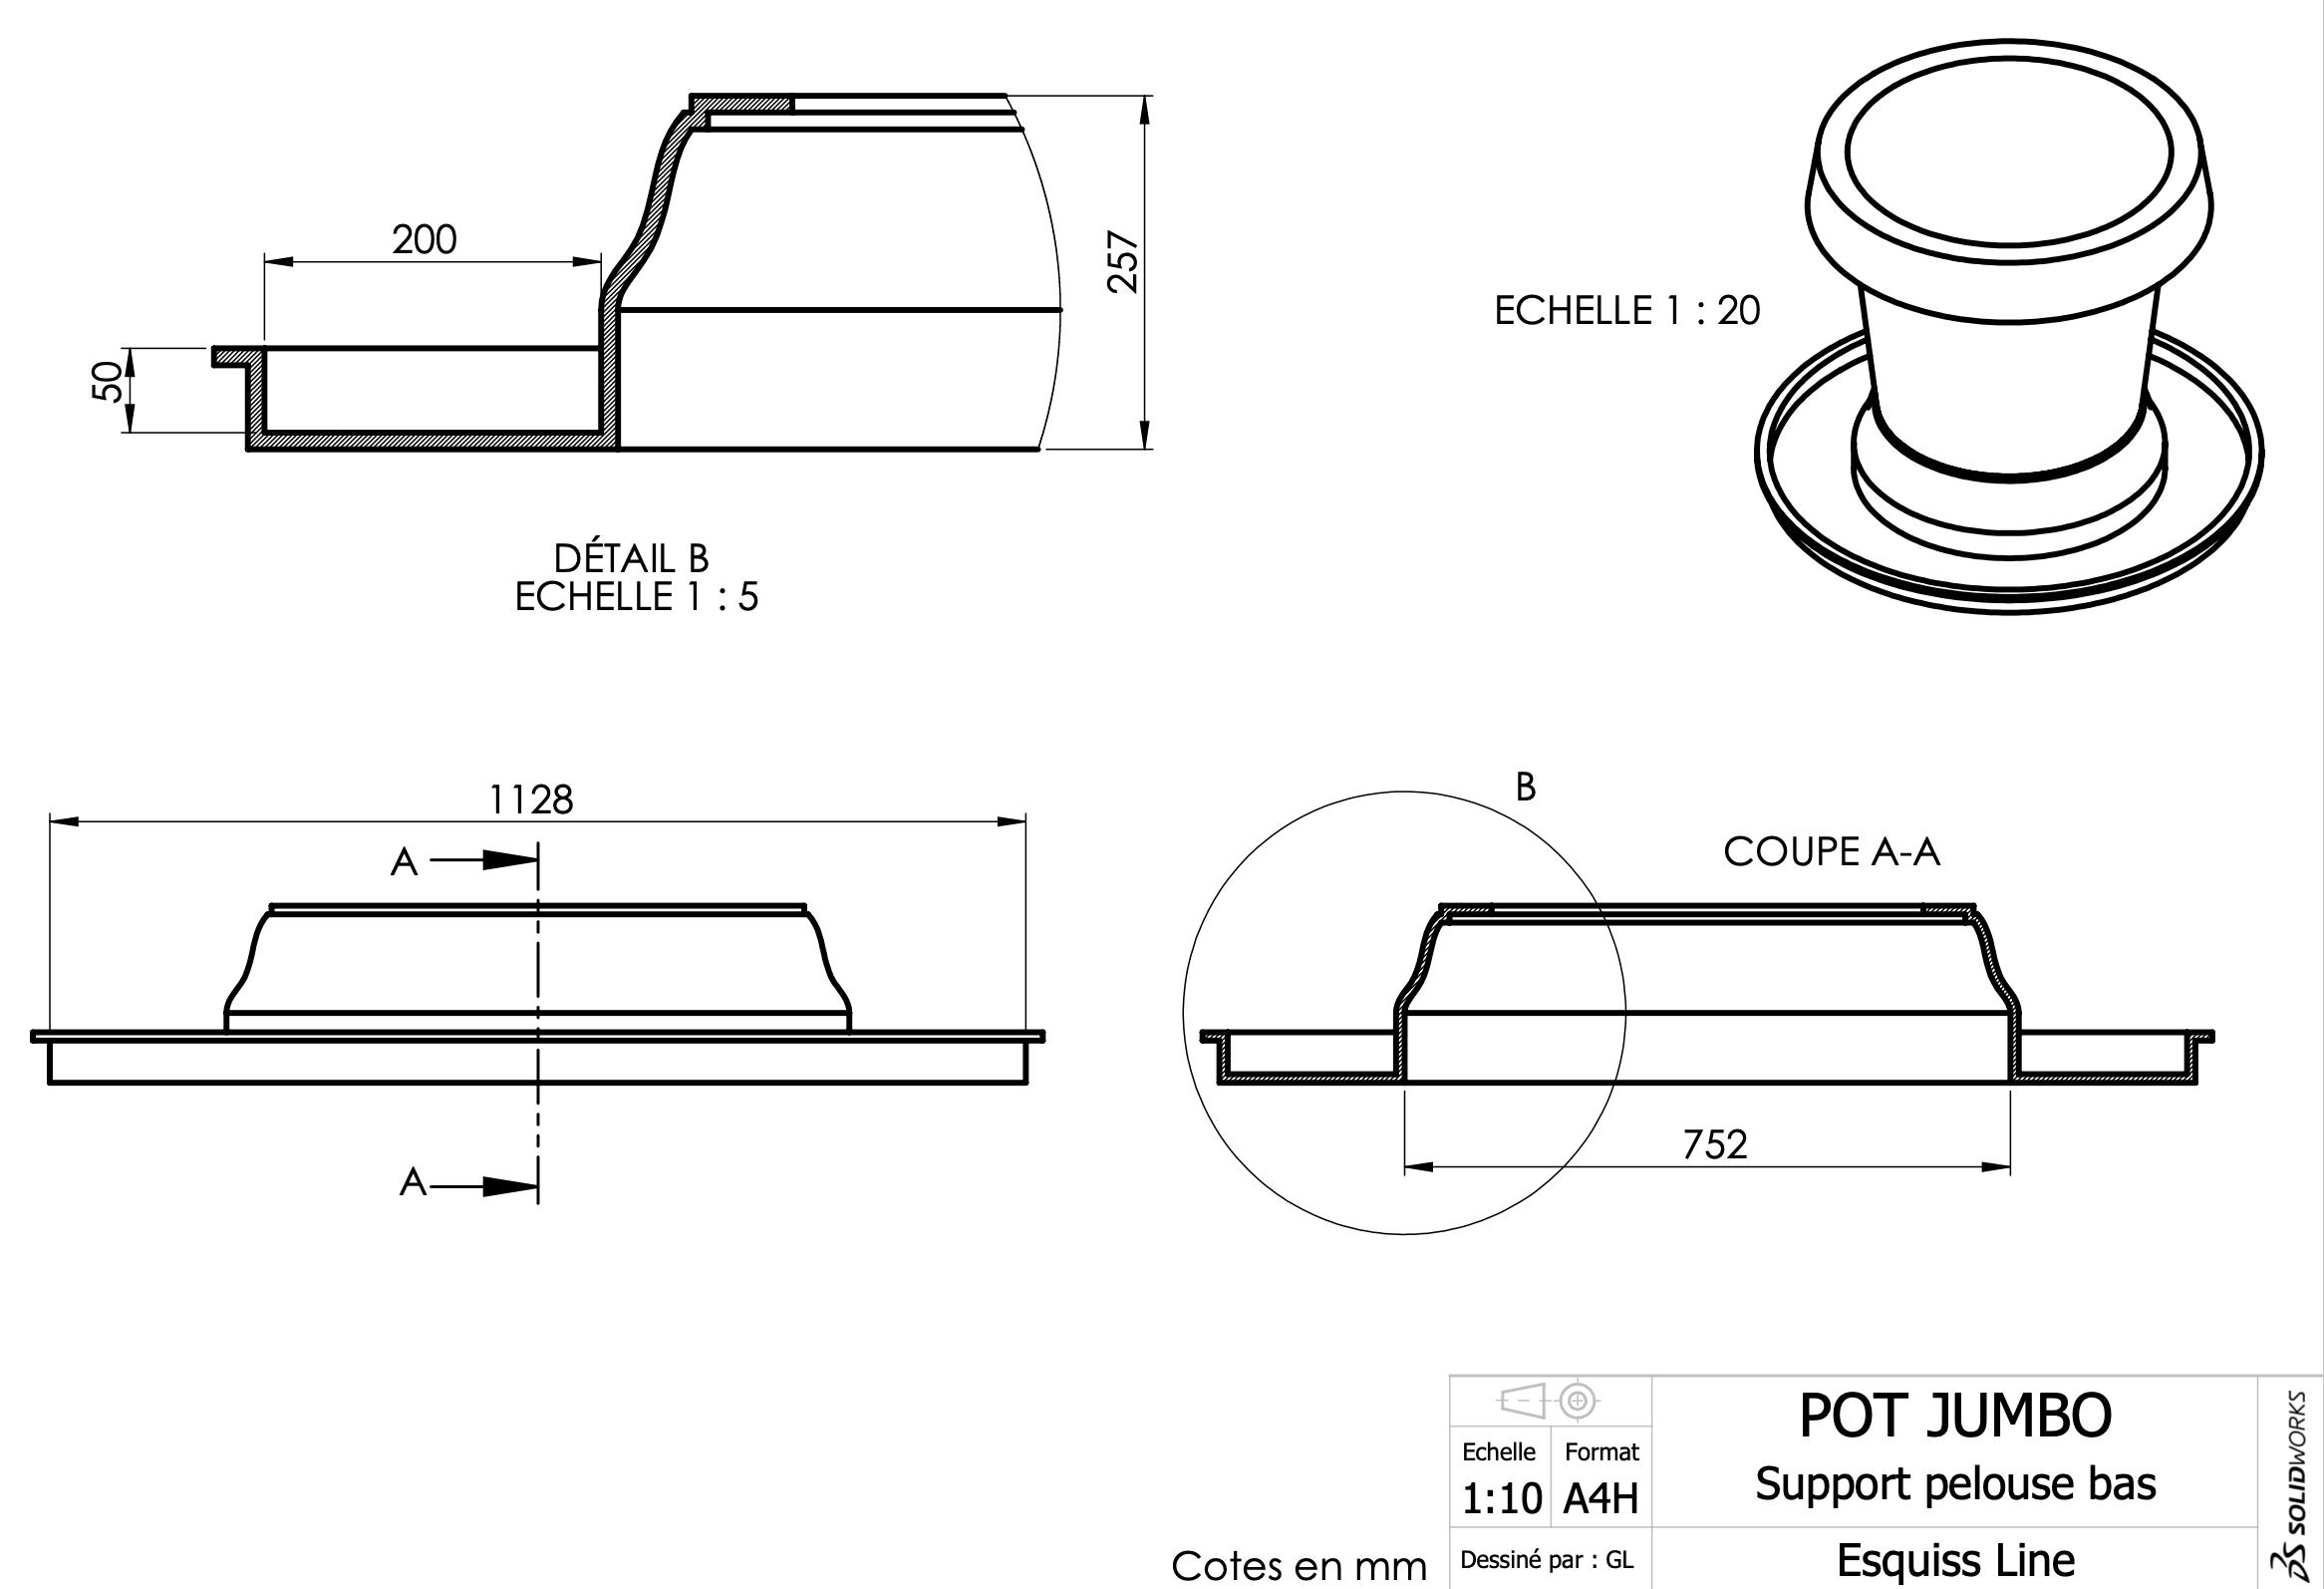 Fiche technique du pot Jumbo support pelouse bas